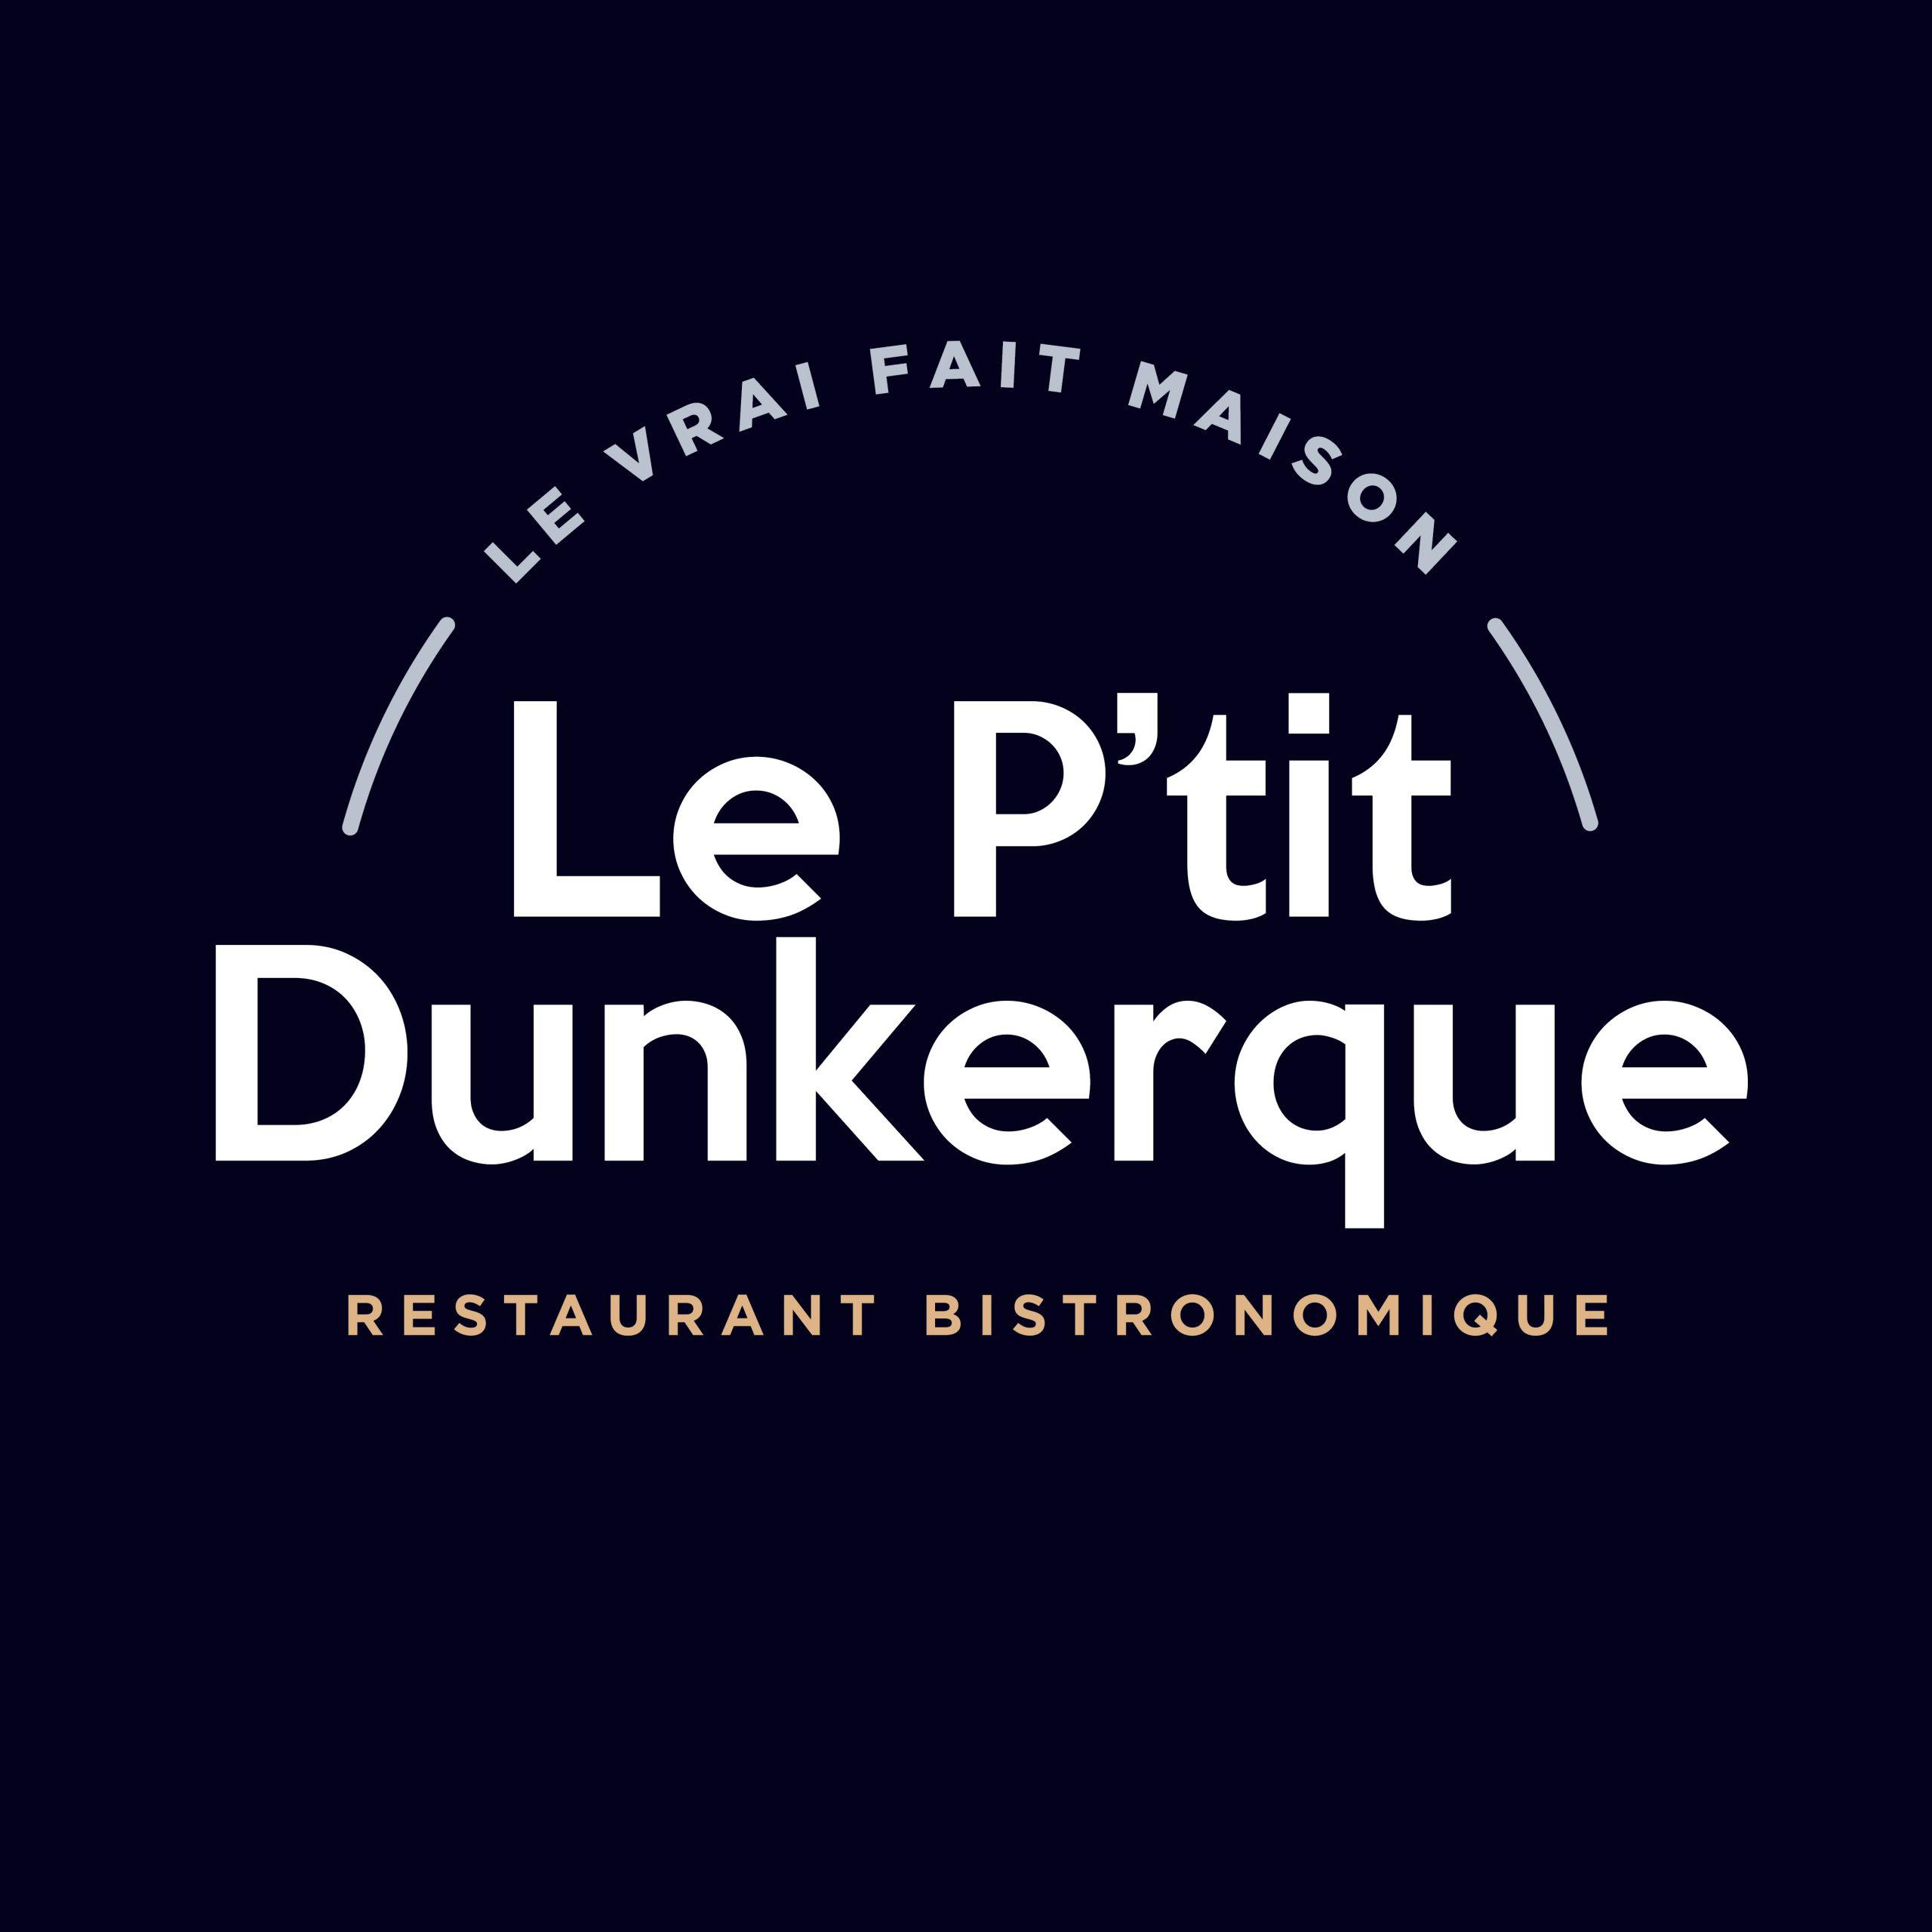 Le Ptit Dunkerque - logo sur fond bleu nuit